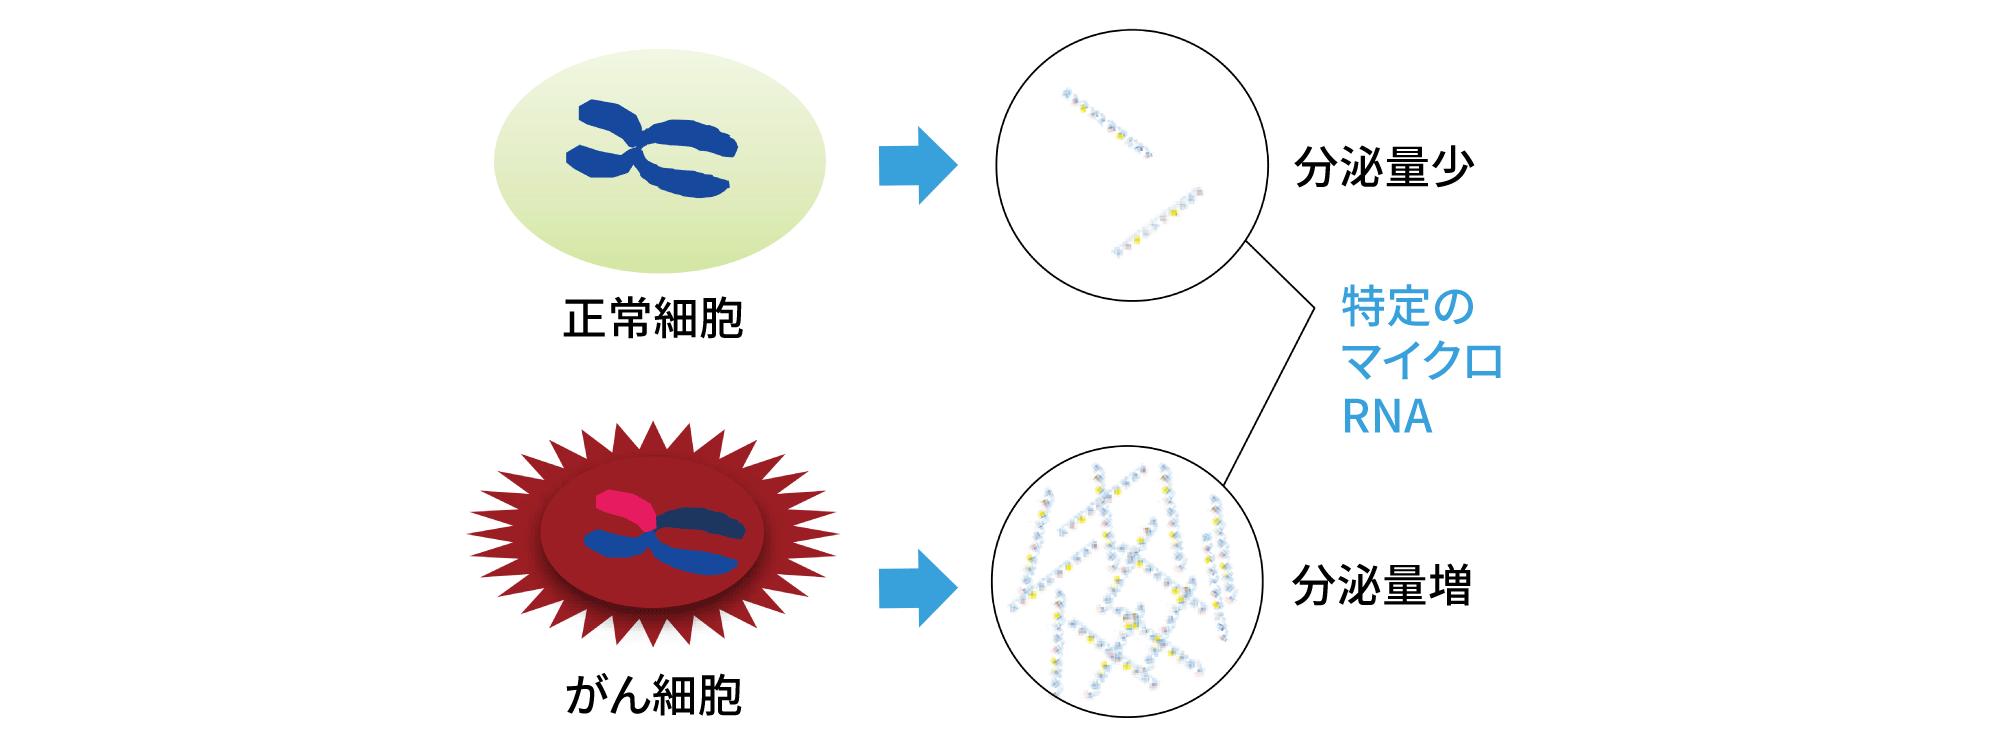 がん細胞で分泌量が増えるマイクロRNAを検出することで、がんの有無を判別